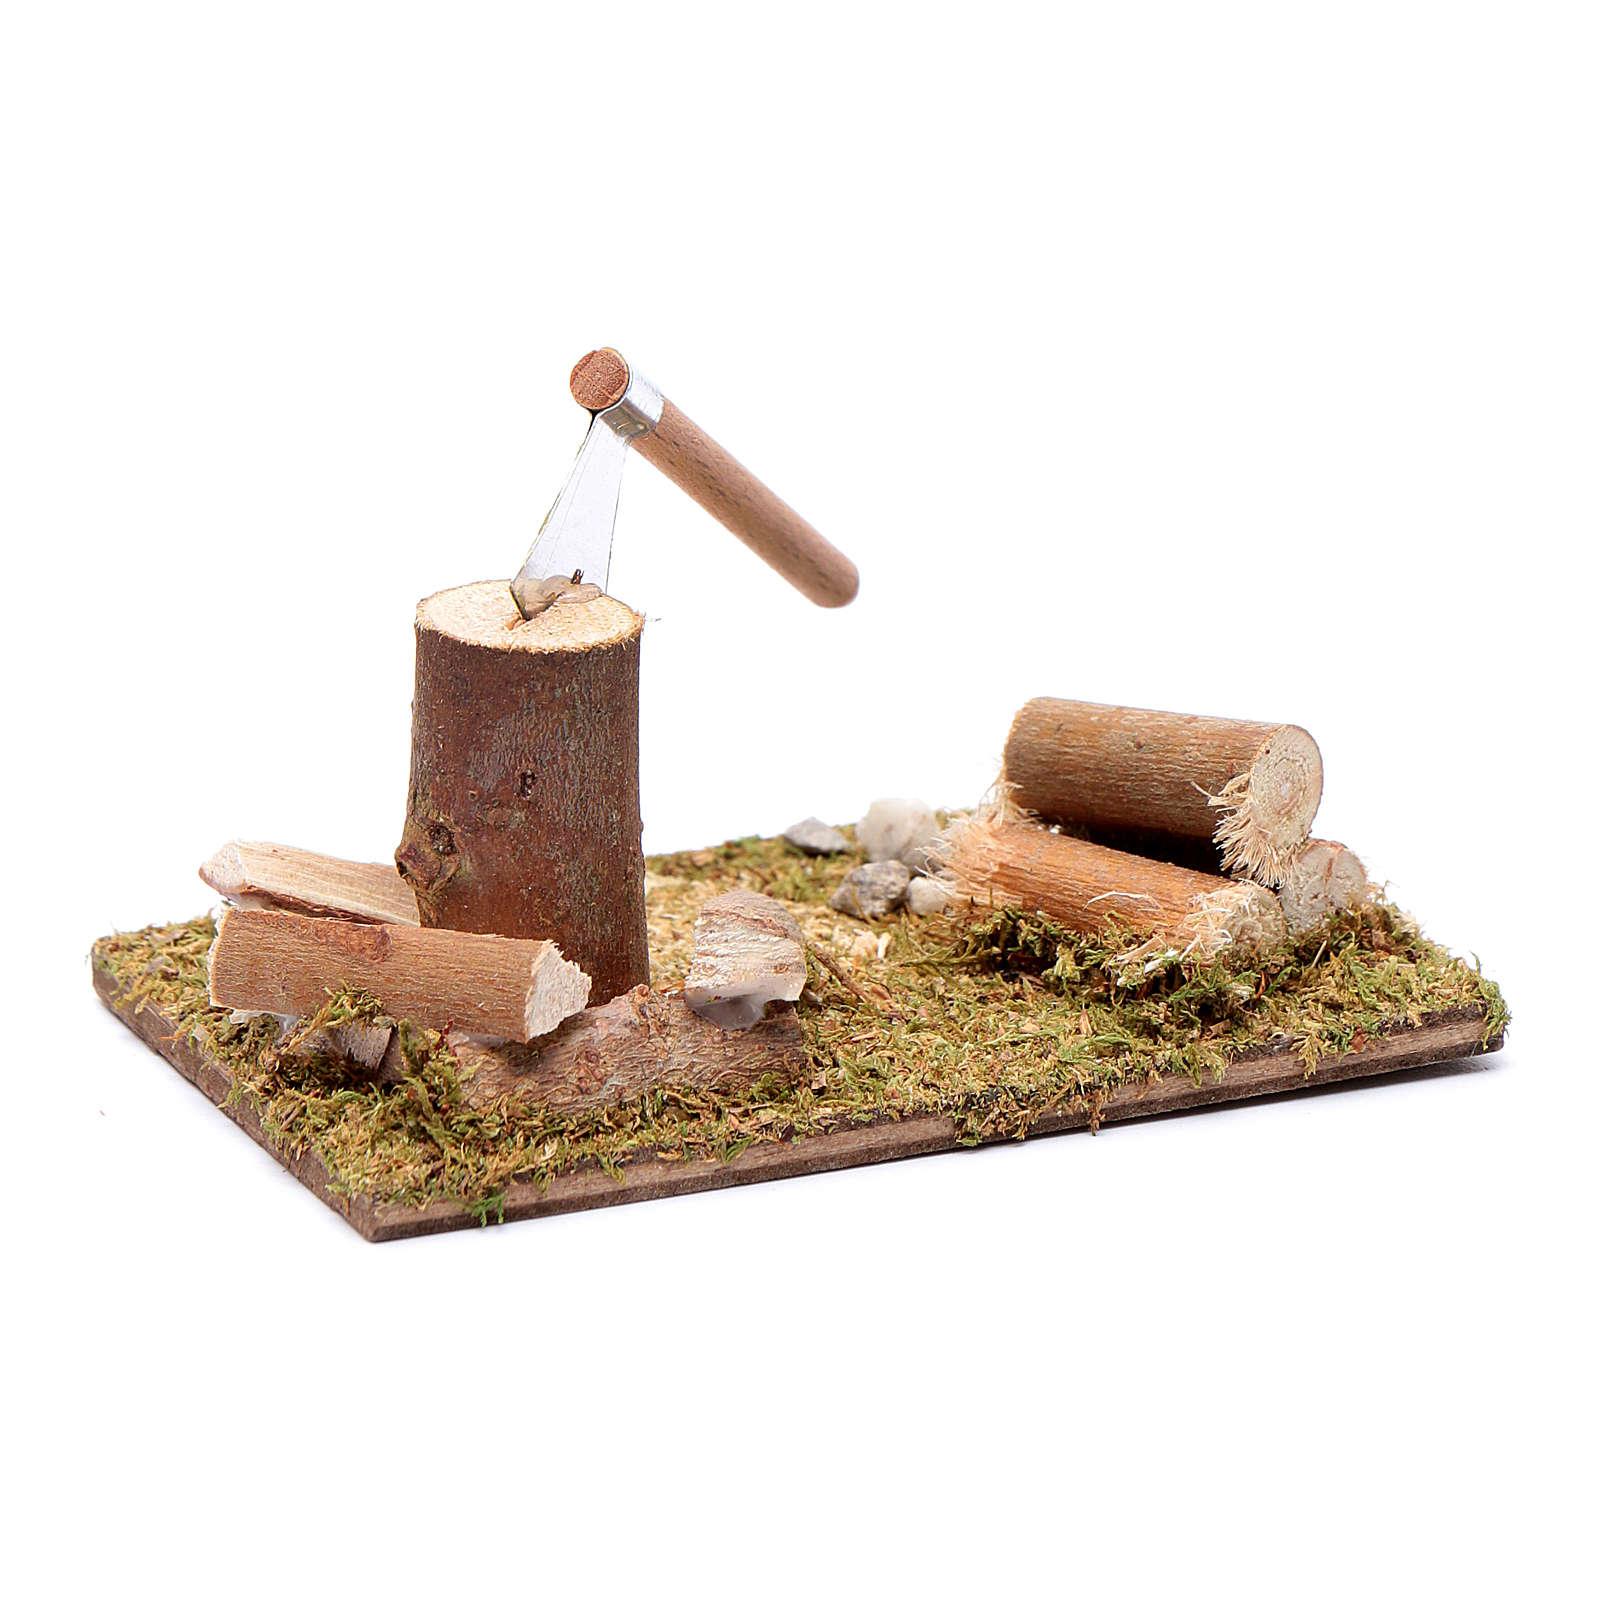 Taglialegna e tronchi su base campo accessori presepe 5x10x5 cm 4